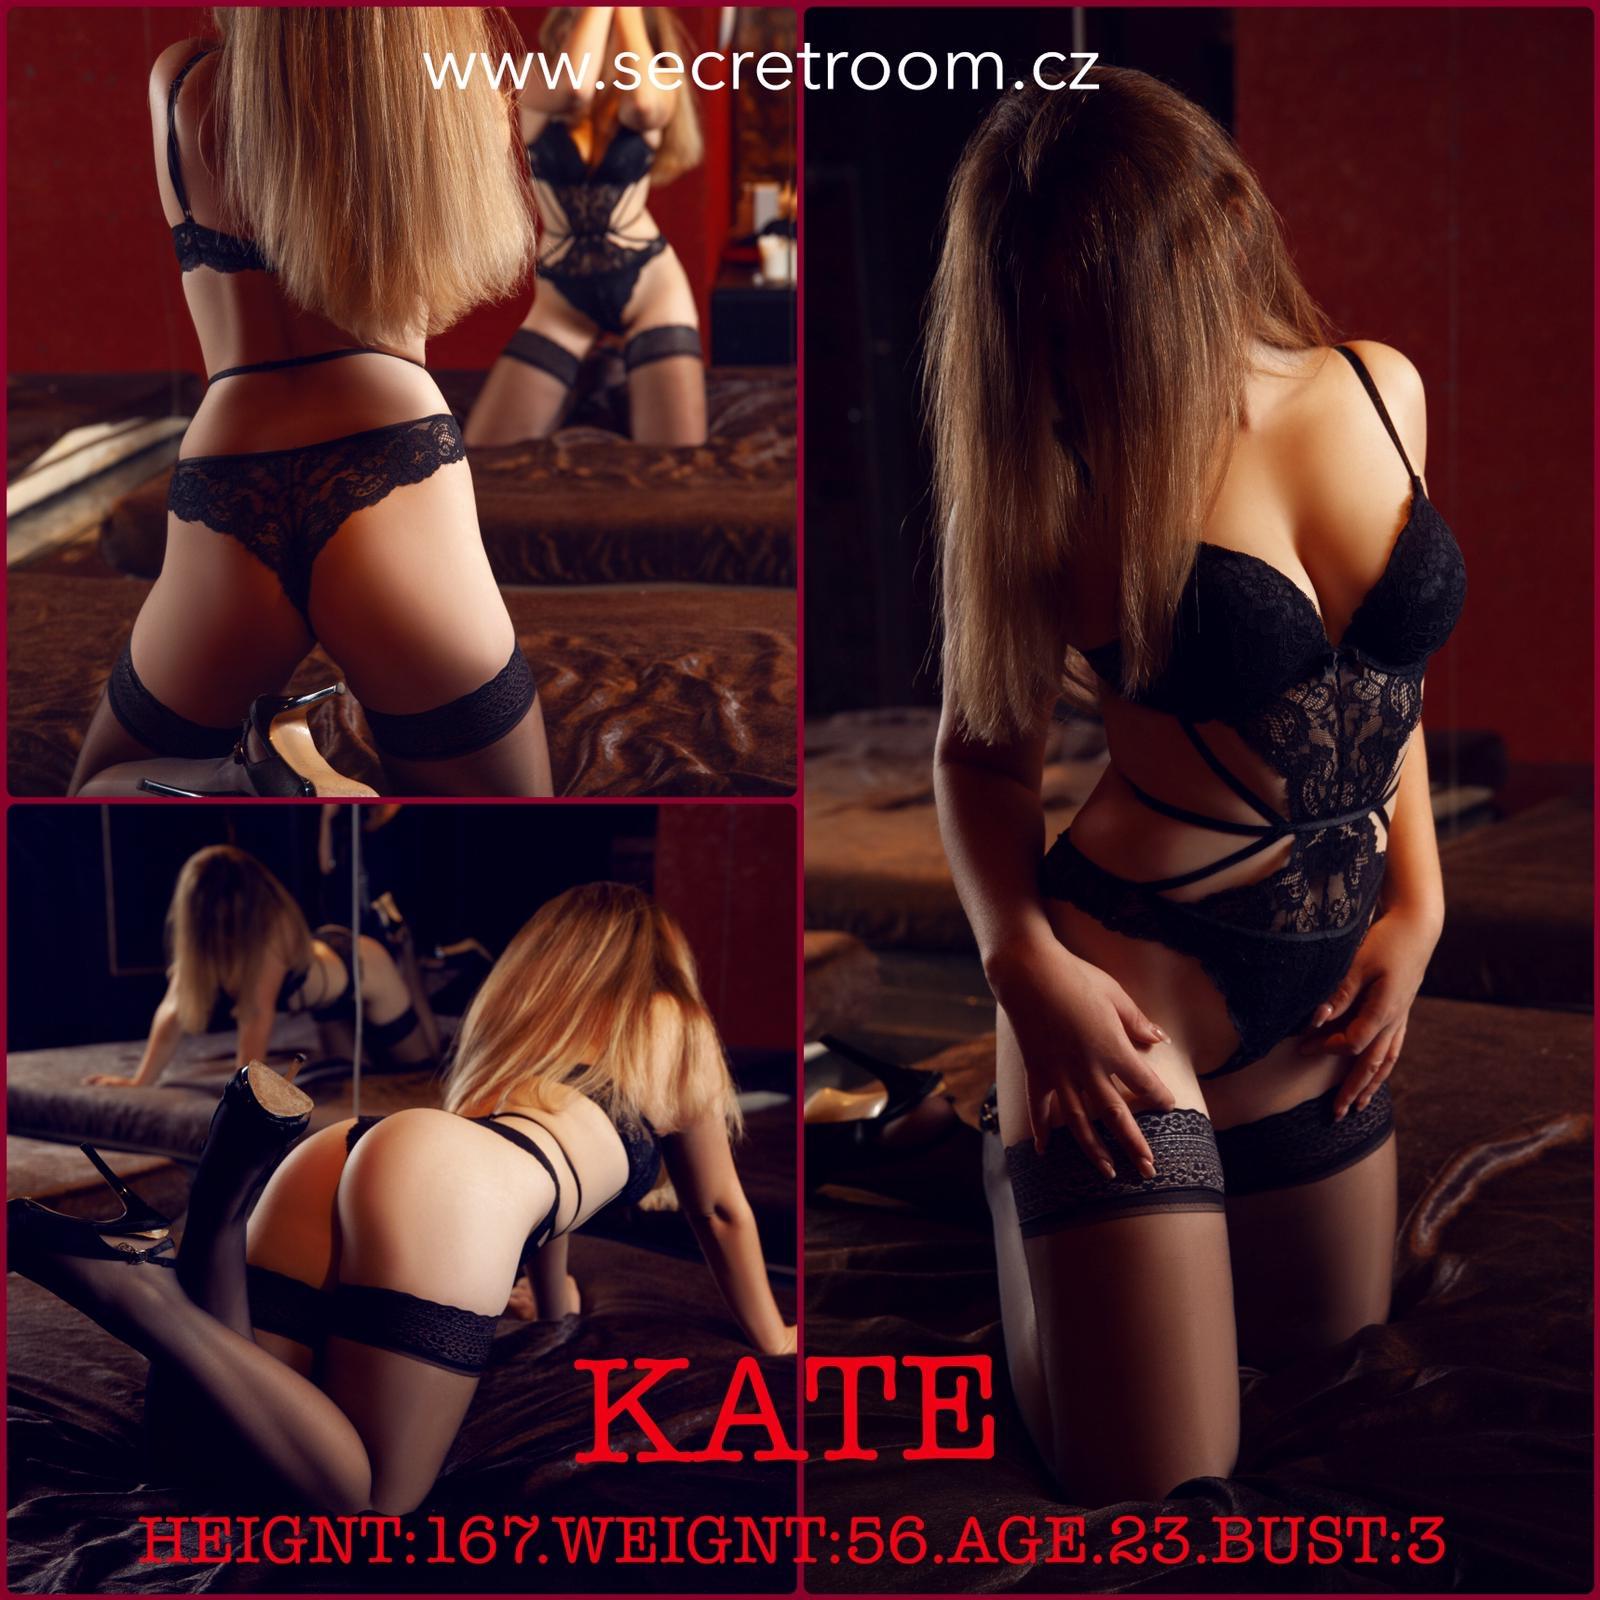 Kate erotic massage in Prague